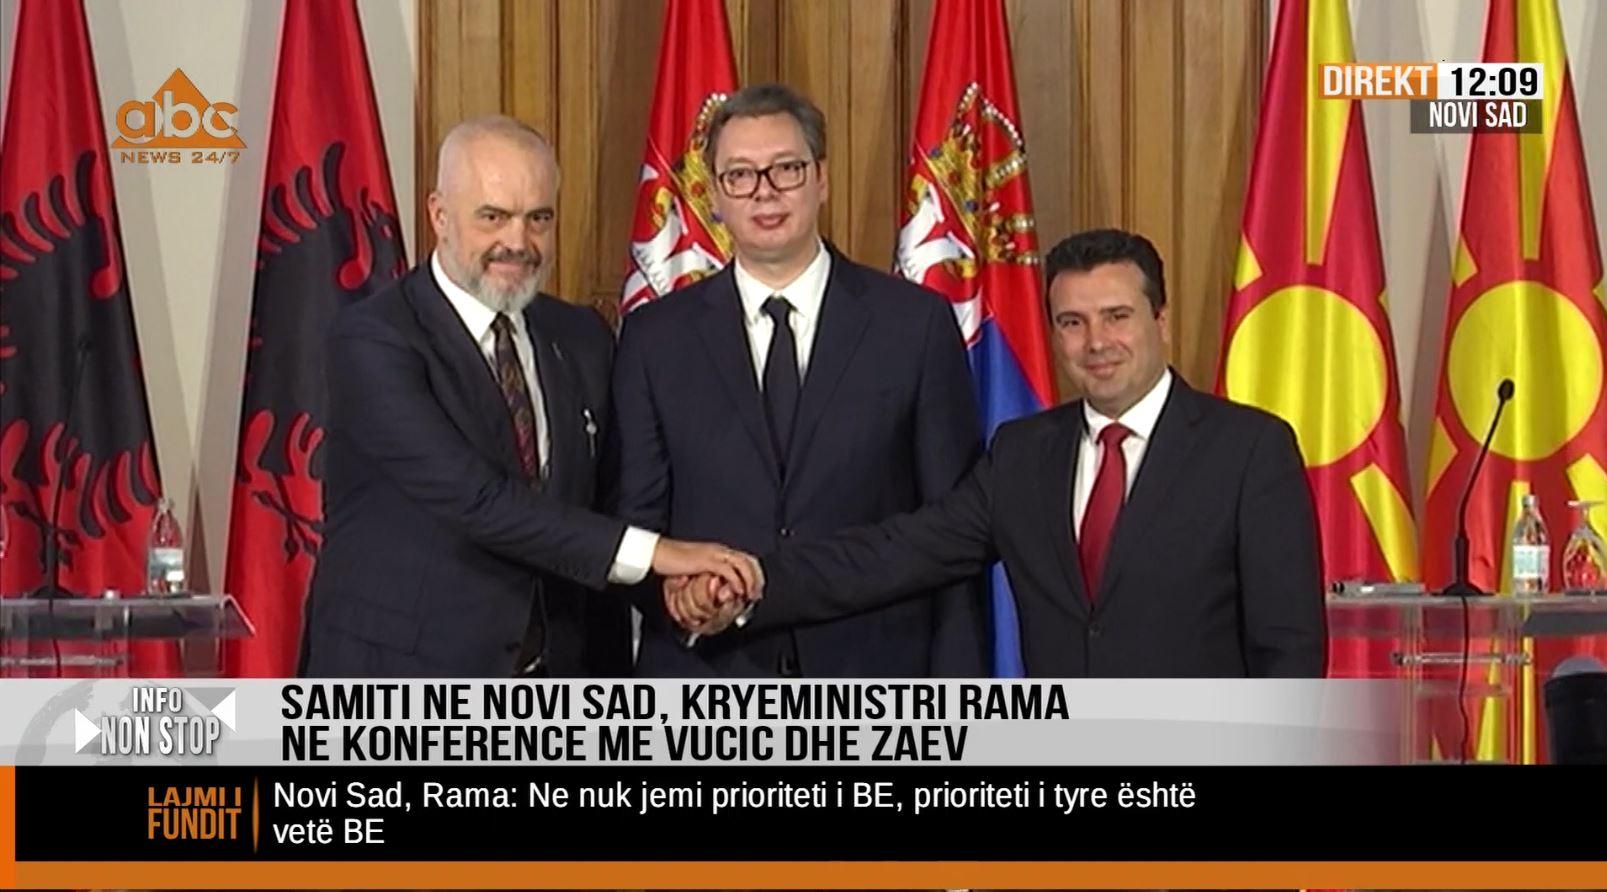 Rama, Vuçiç, Zaev : Qëllimi i të treve është që të kalojnë kufijtë e vendeve tona vetëm me një letërnjoftim